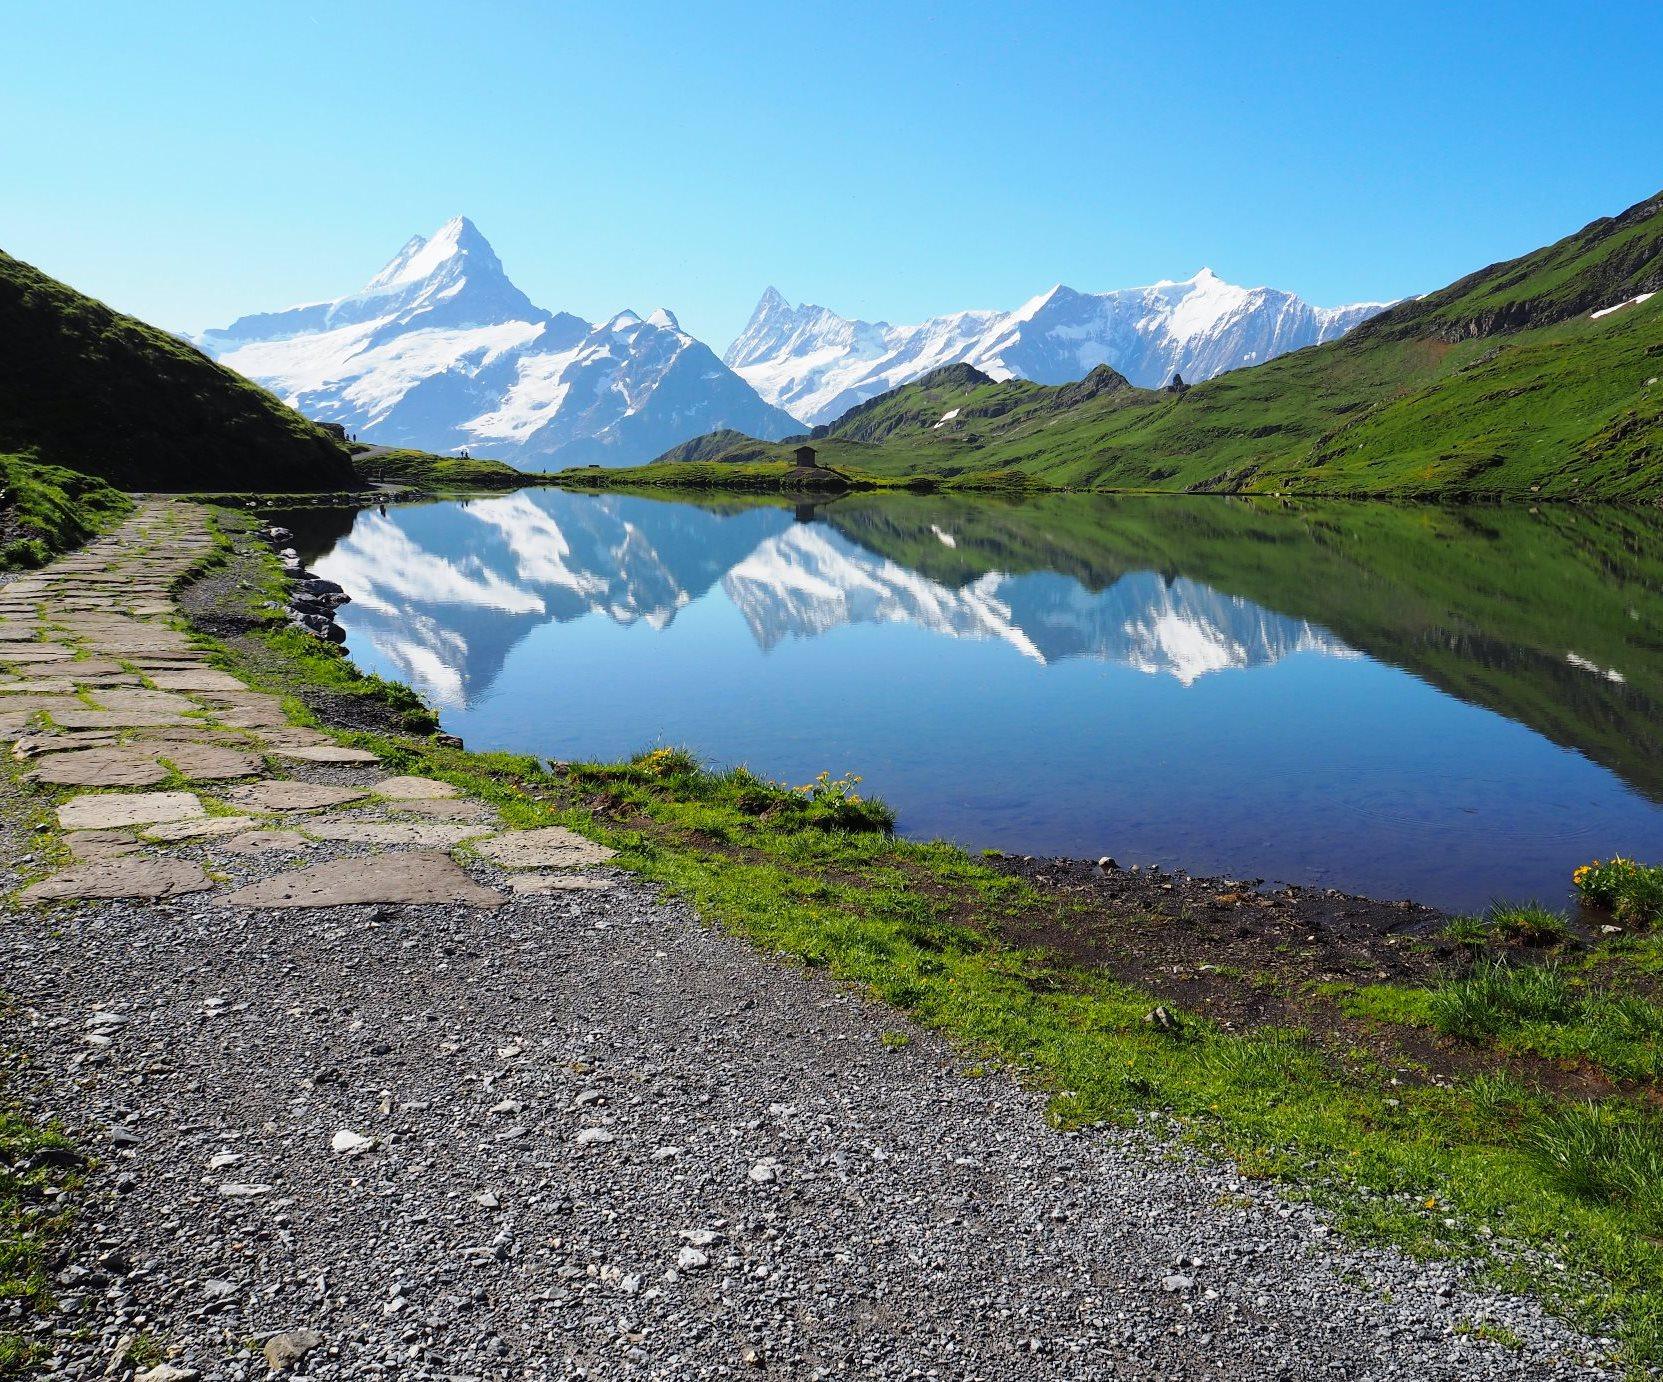 7月16日出発「スイス・アルプス・パノラマ・ハイキングと憧れのヘルンリ小屋訪問と3,400m峰登頂 9日間」